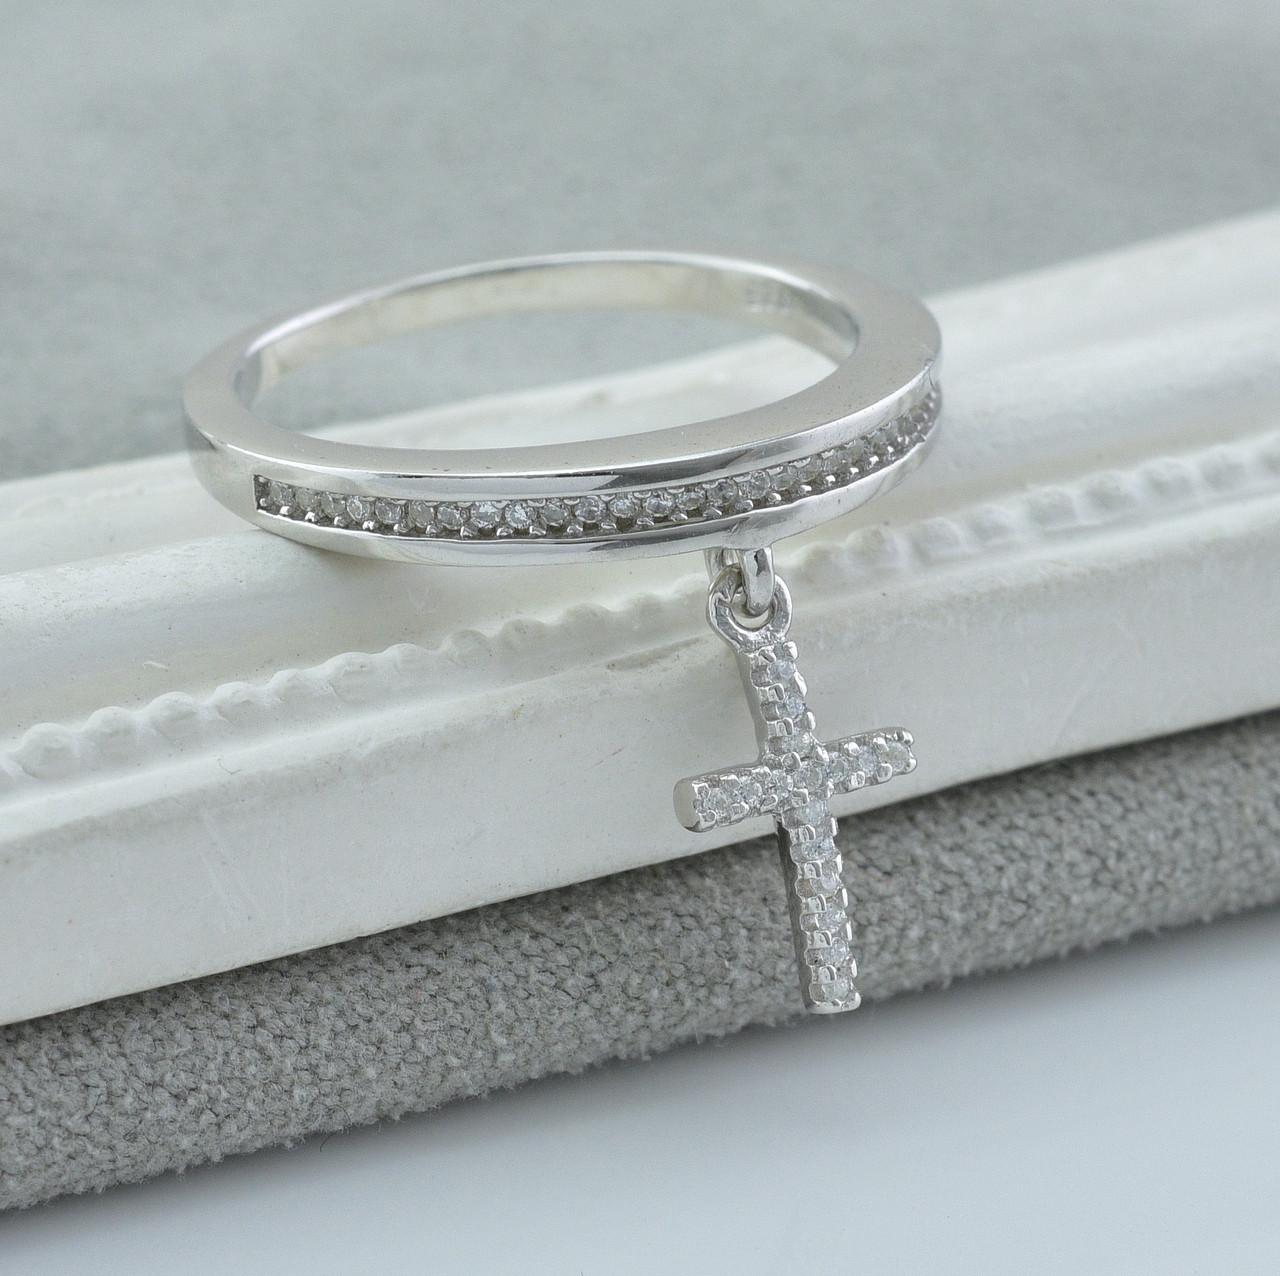 Серебряное кольцо размер 20 вставка белые фианиты вес 2.6 г